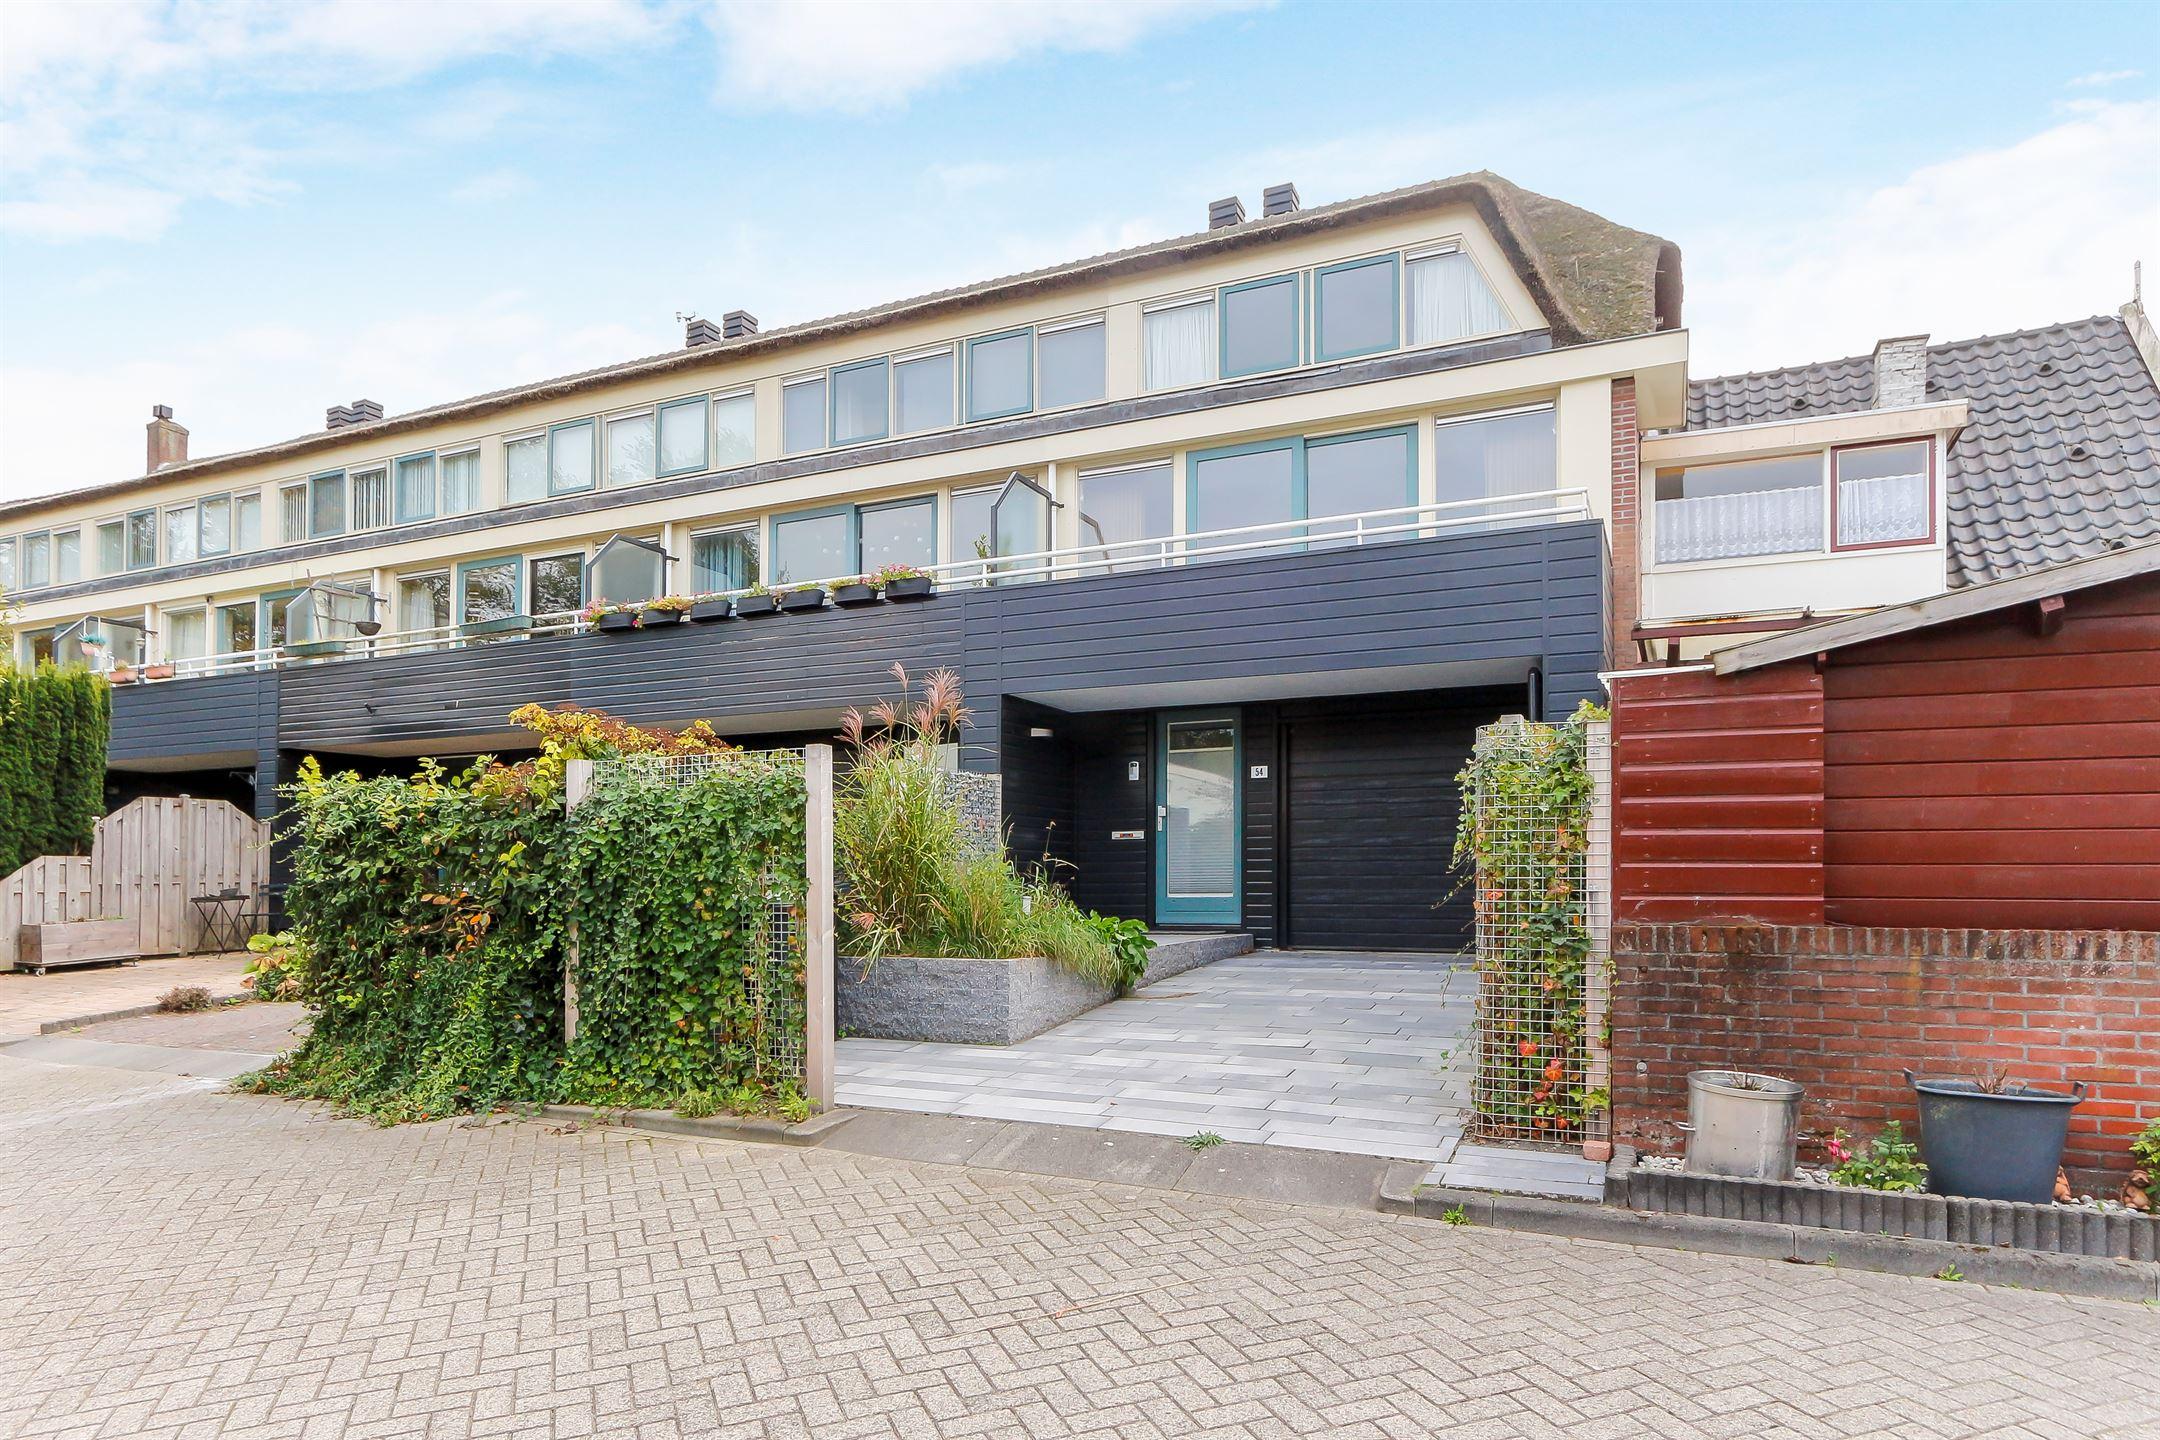 Stoer Inpandig Balkon : Verkocht: vissersdijk 54 3319 gv dordrecht [funda]